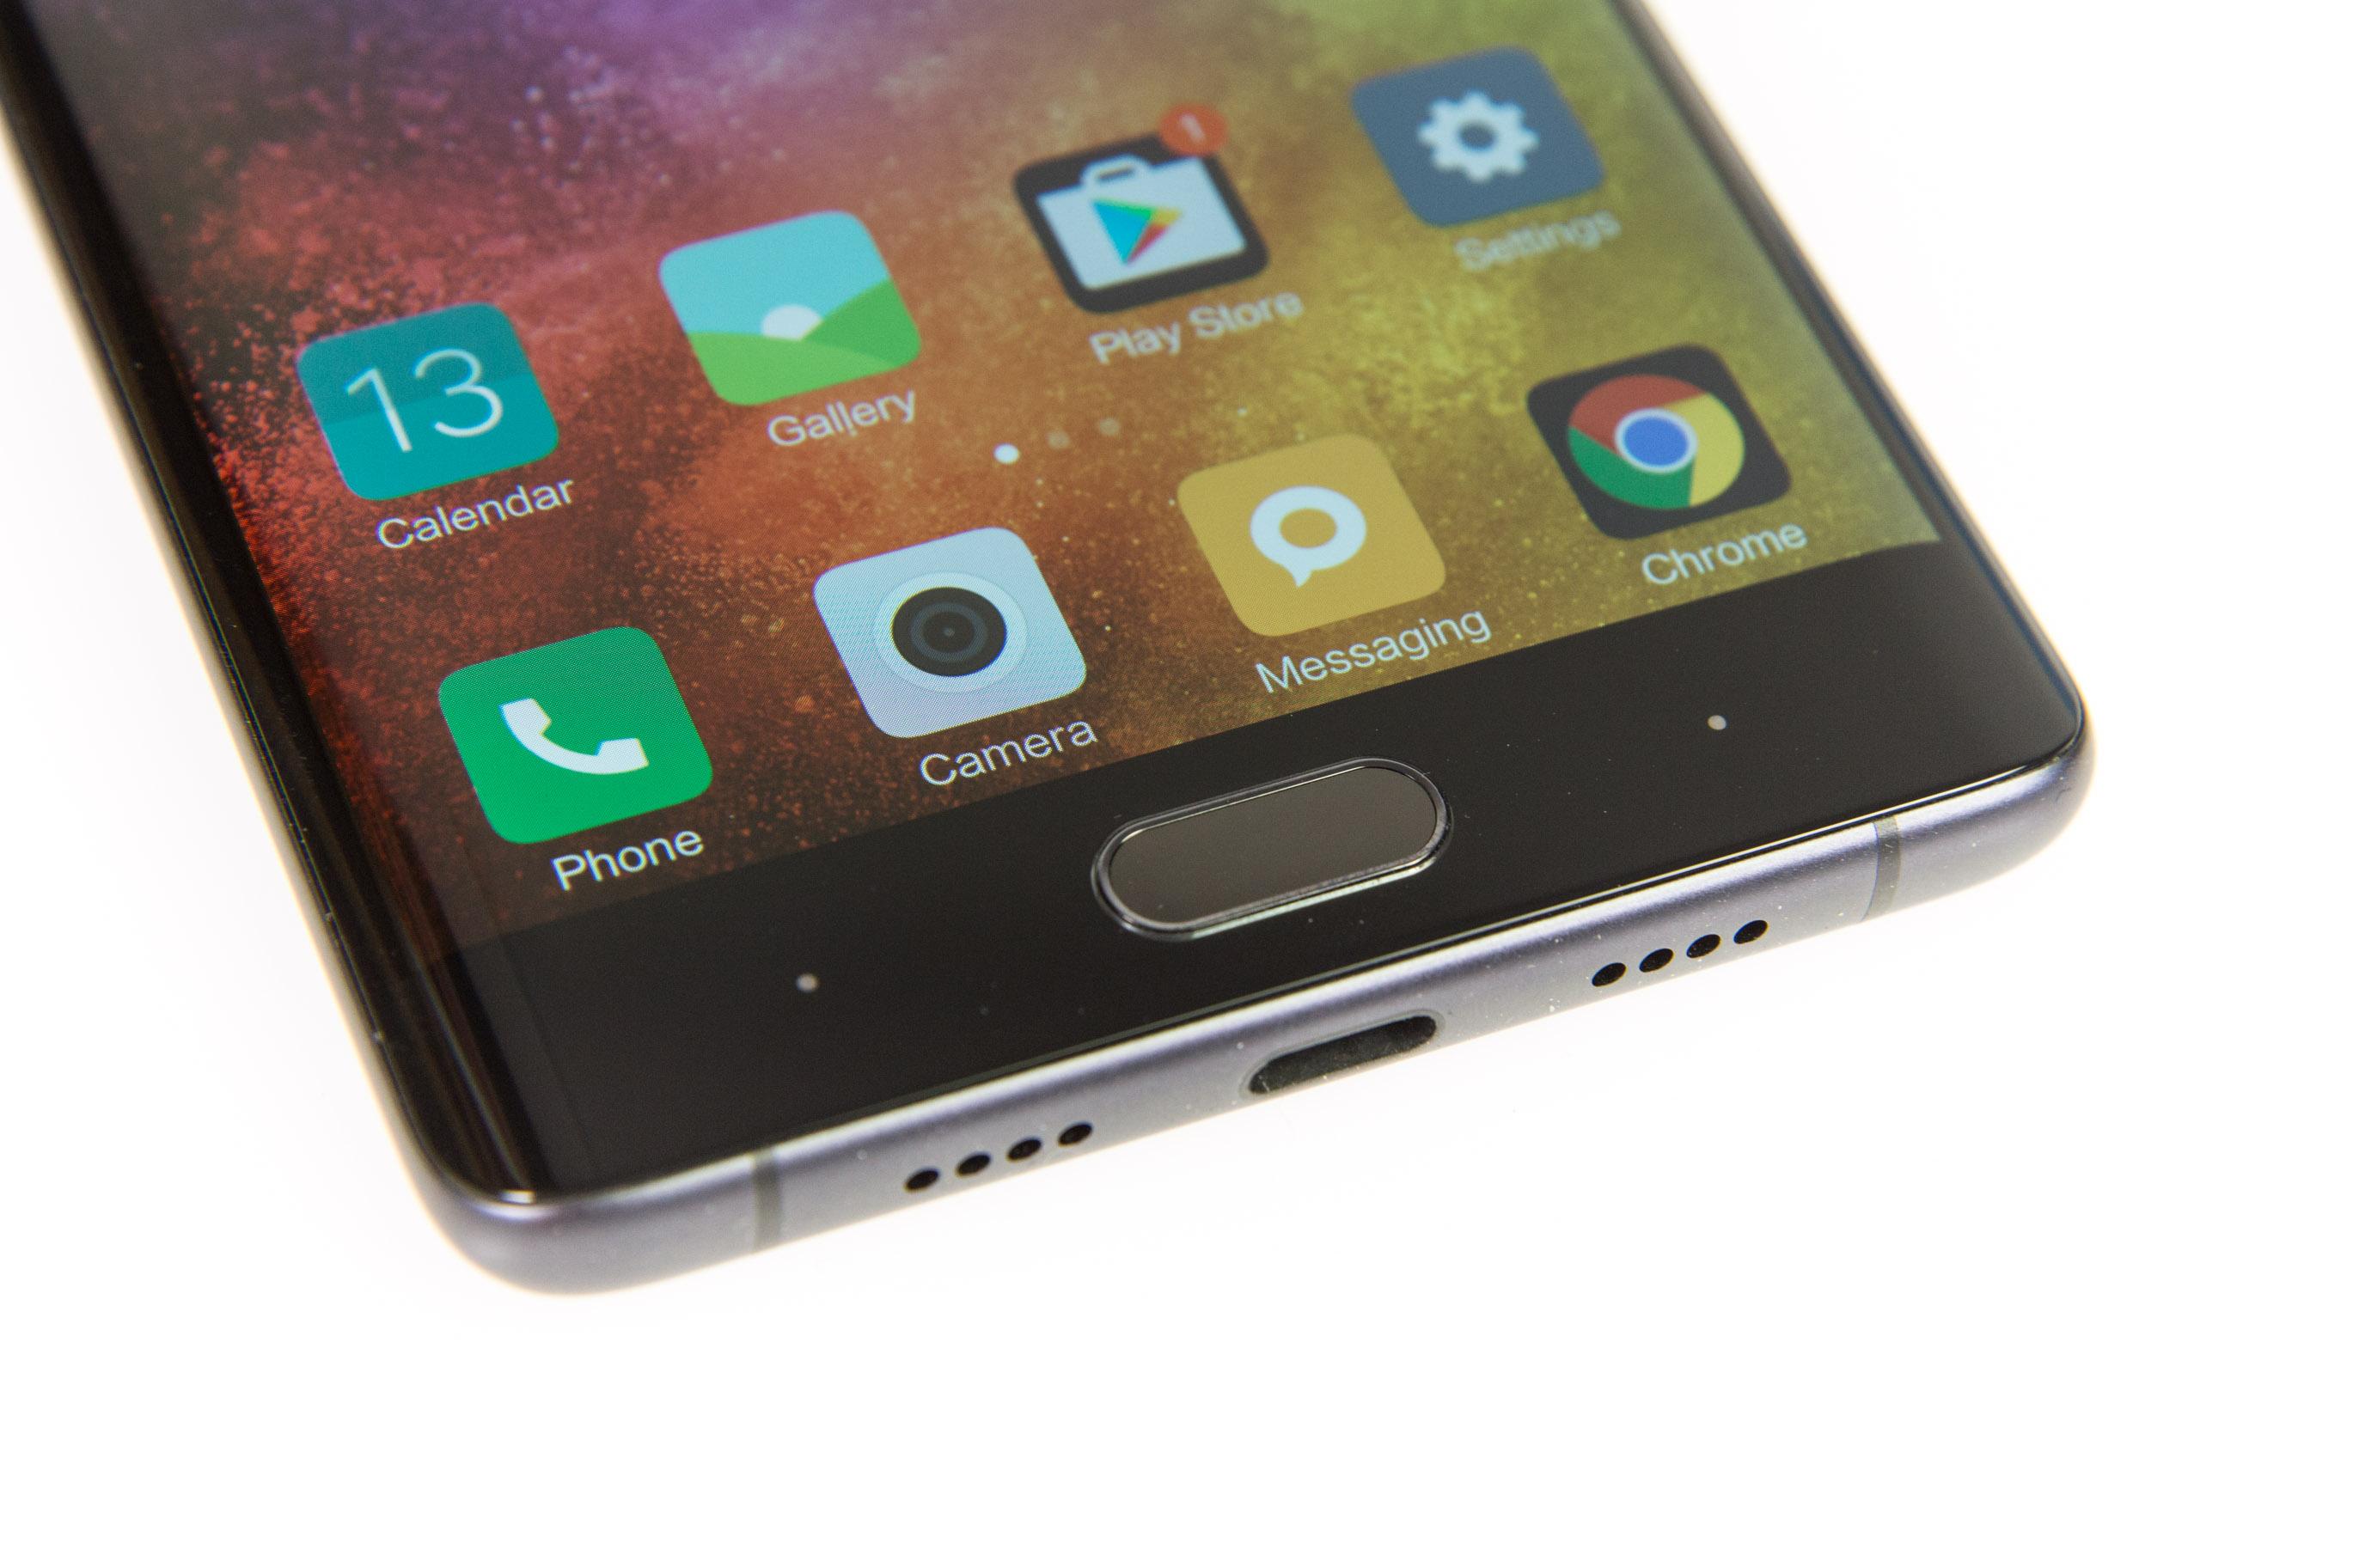 Xiaomi Mi Note 2 im Test: Ein Smartphone mit Ecken ohne Kanten - Im Homebutton ist ein schnell reagierender Fingerabdrucksensor untergebracht. (Bild: Martin Wolf/Golem.de)